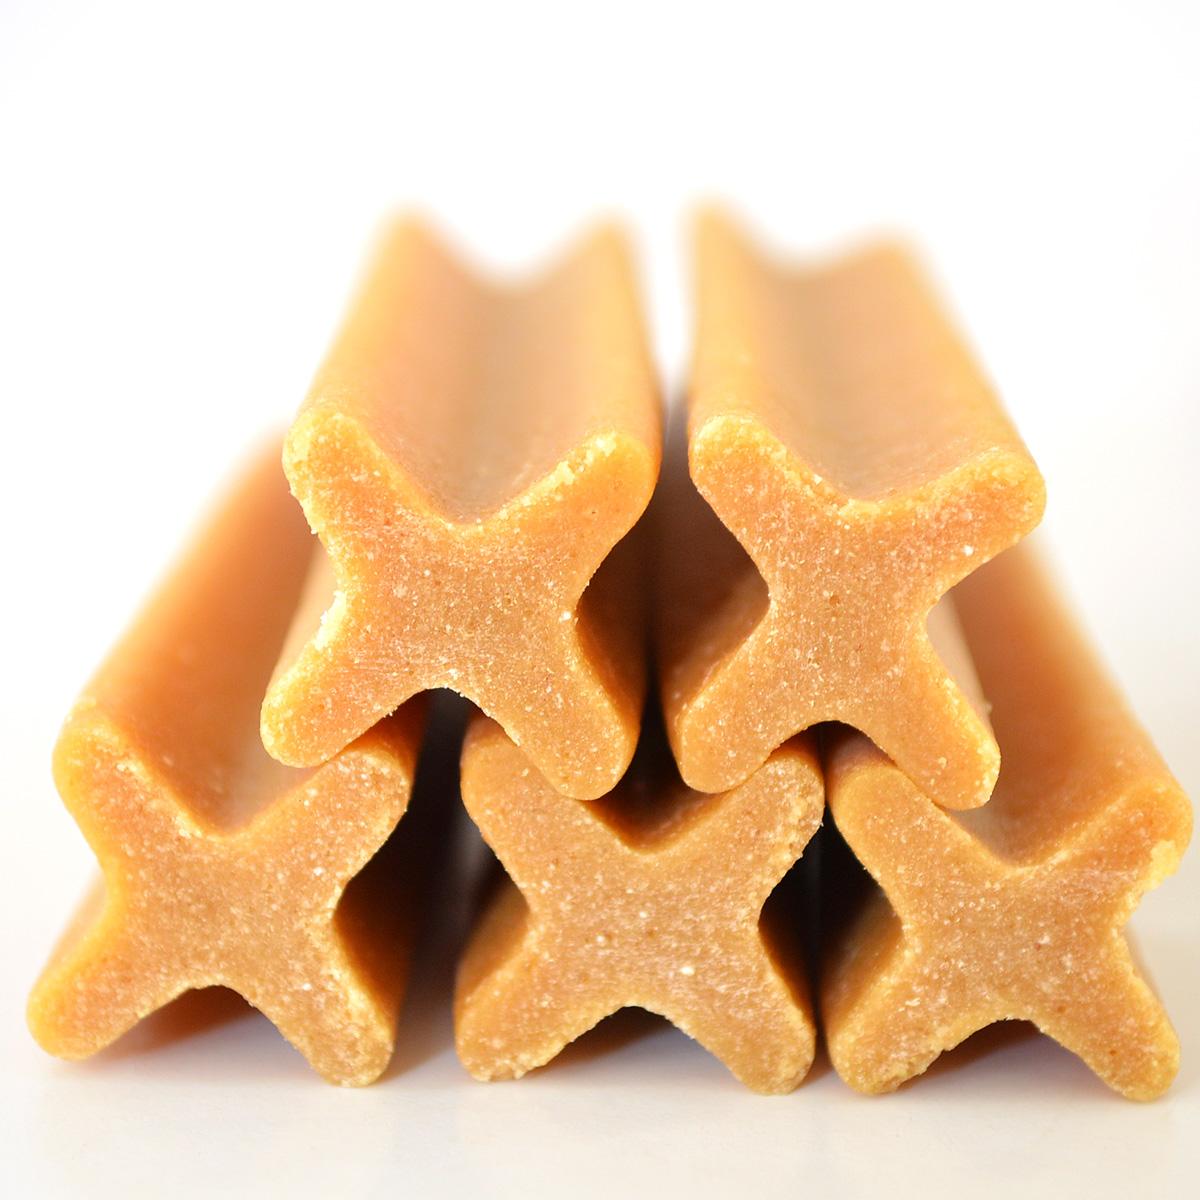 La borsa è un Osso 宝路洁 12 5 7 - Snack BAR dente di Cane di Denti di Cane Teddy Bear 5g Pacchetto Colla molare BAR pulito